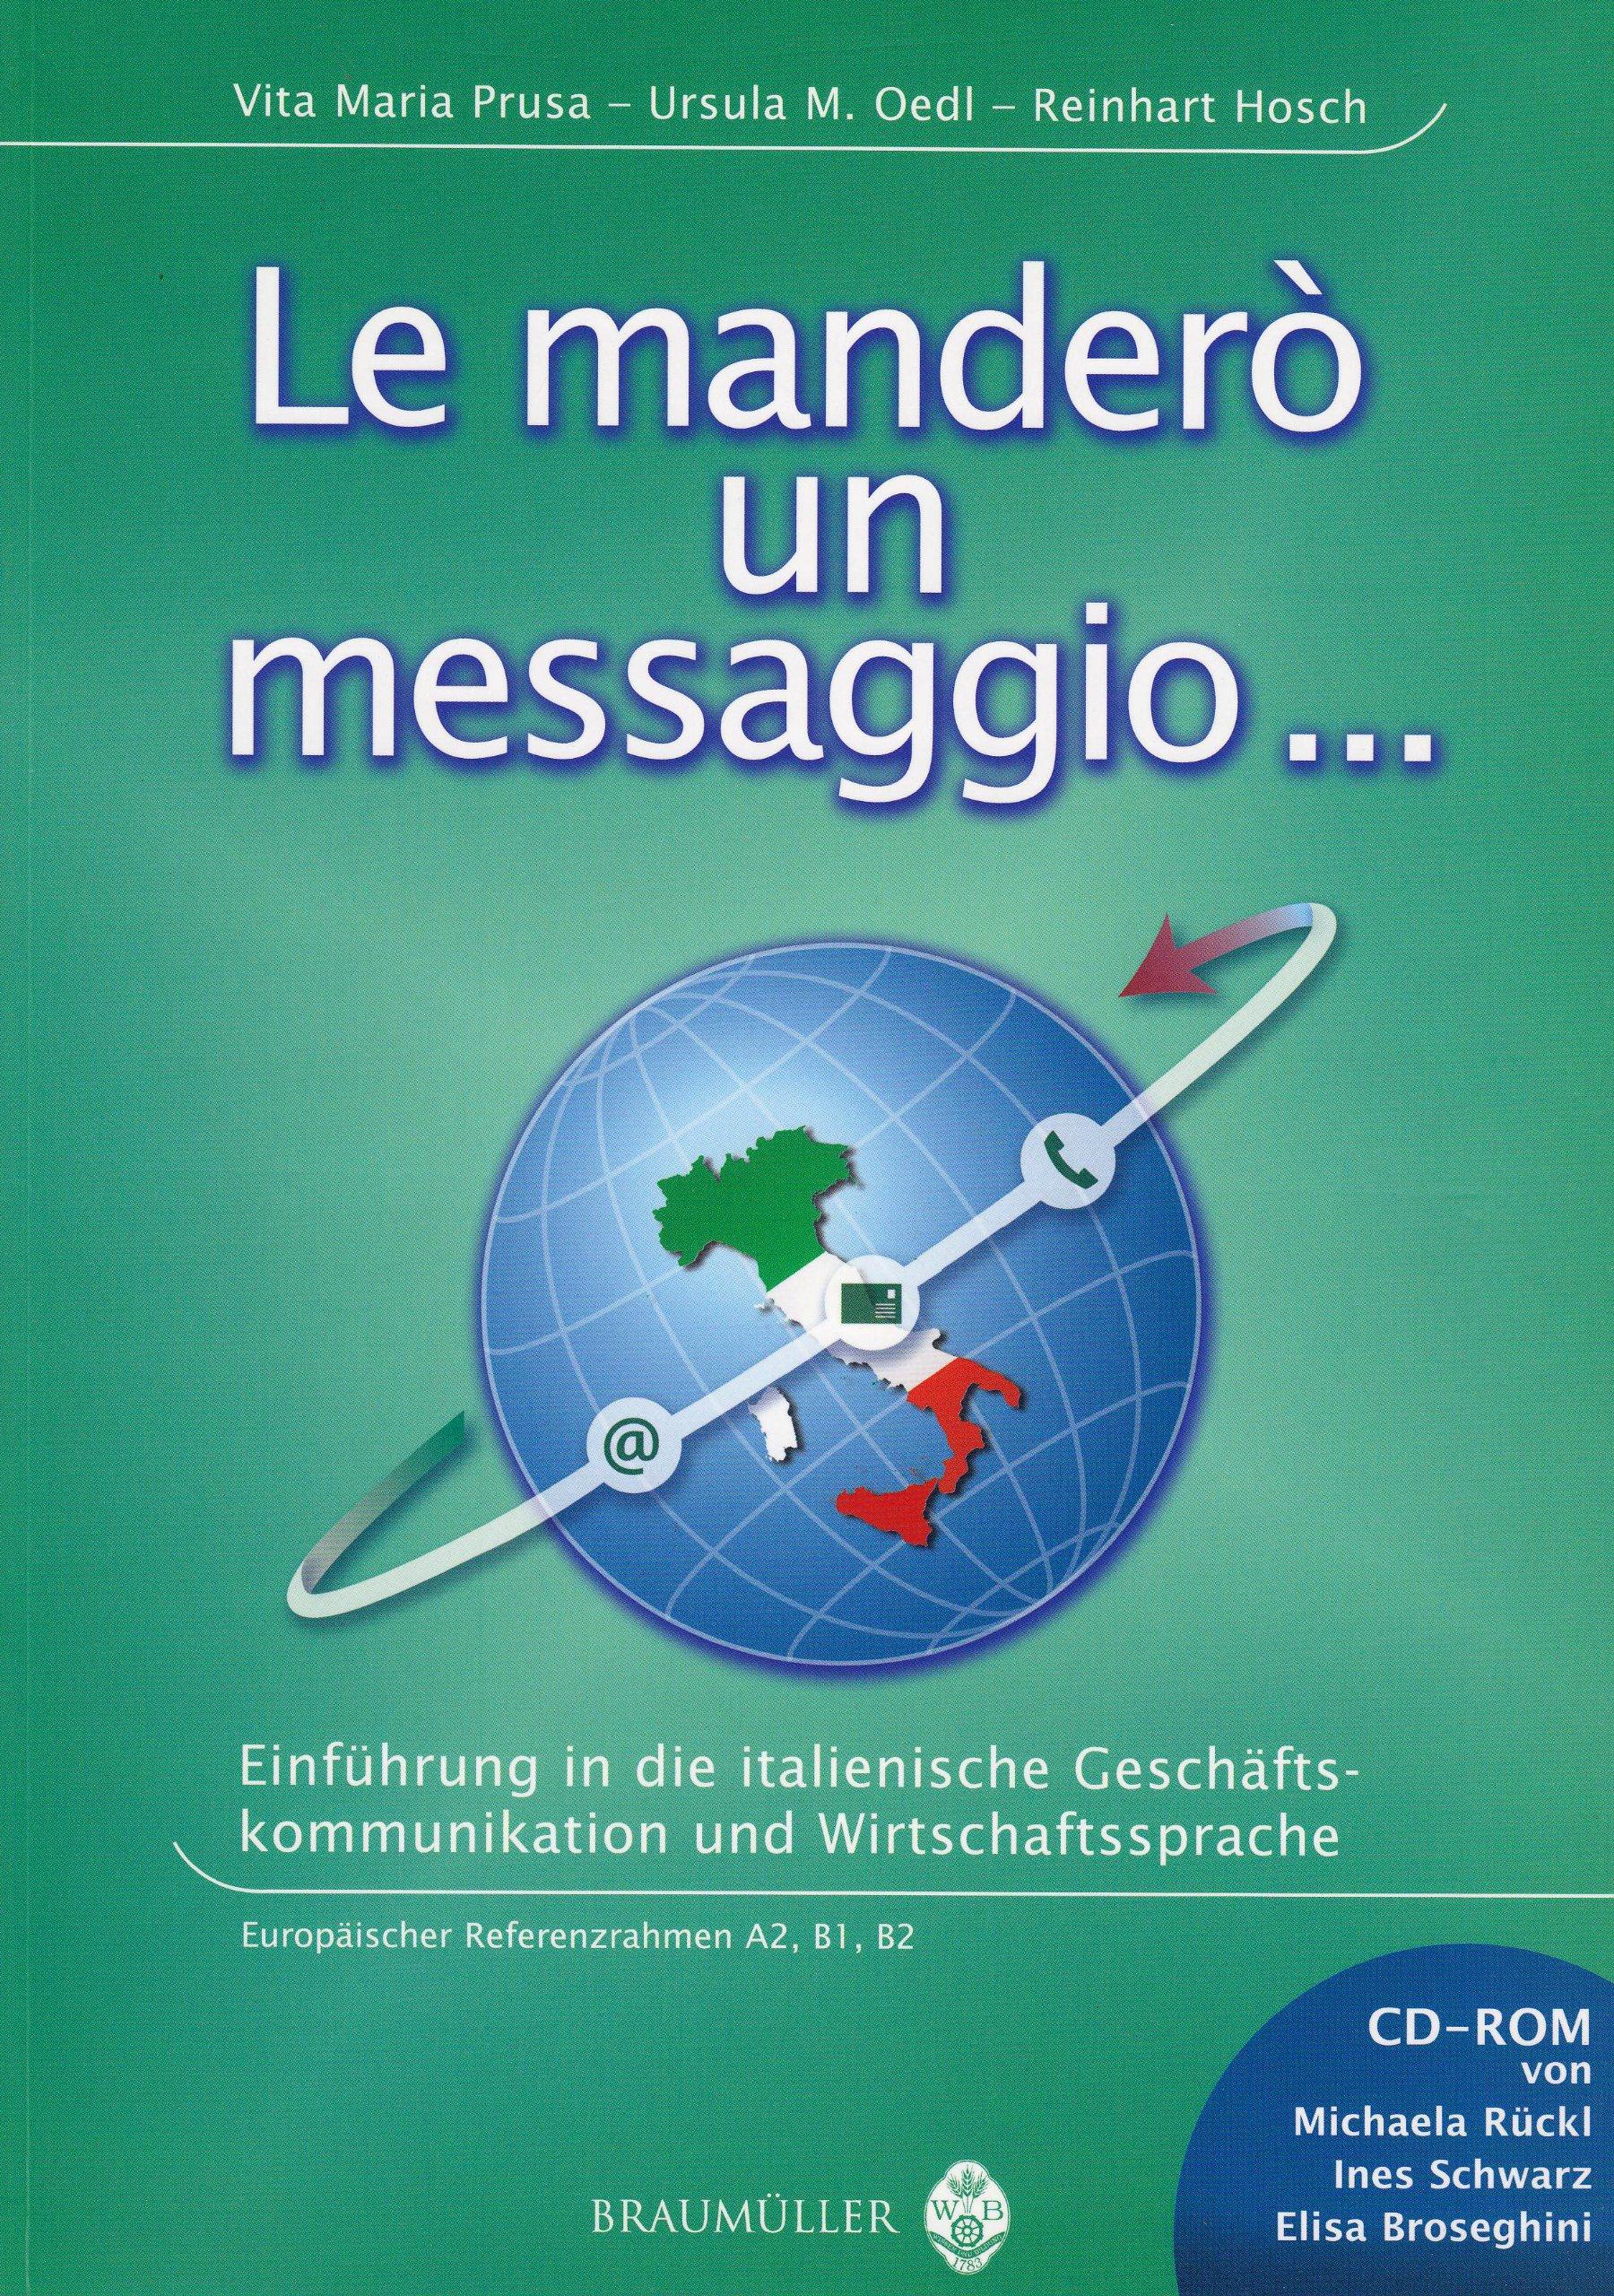 Le manderò un messaggio...: Einführung in die italienische Geschäftskommunikation und Wirtschaftssprache. Ital. /Dt.